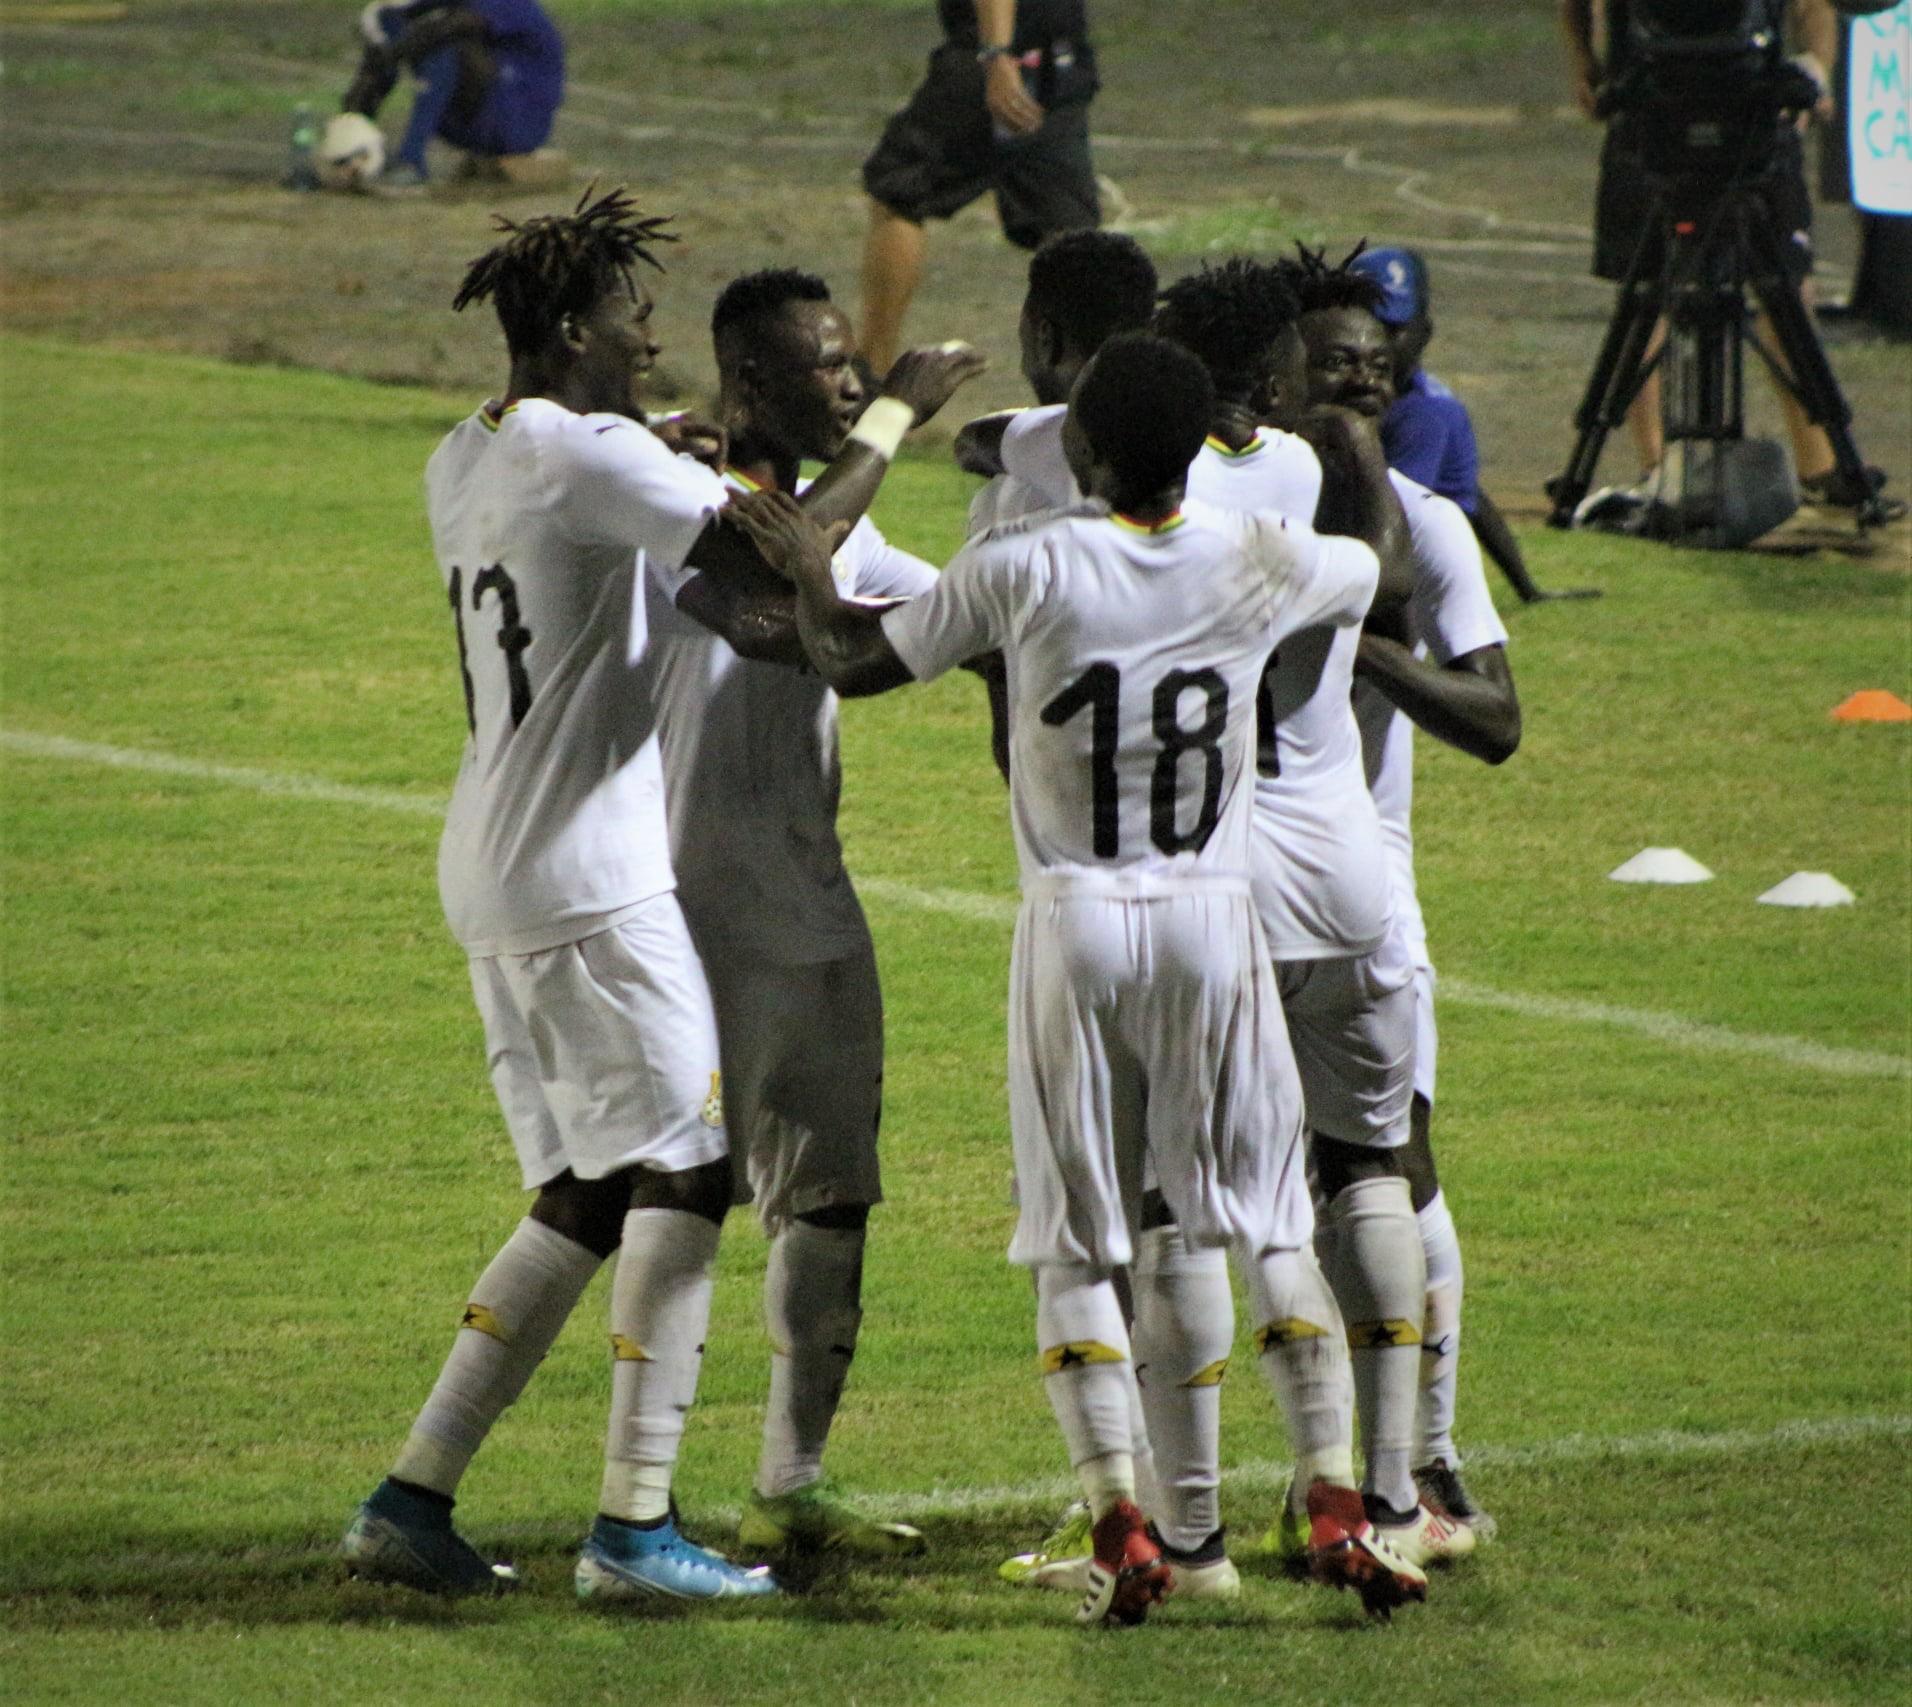 Tournoi UFOA 2019 : Le Ghana en finale suite à sa victoire 3-1 sur la Côte d'Ivoire